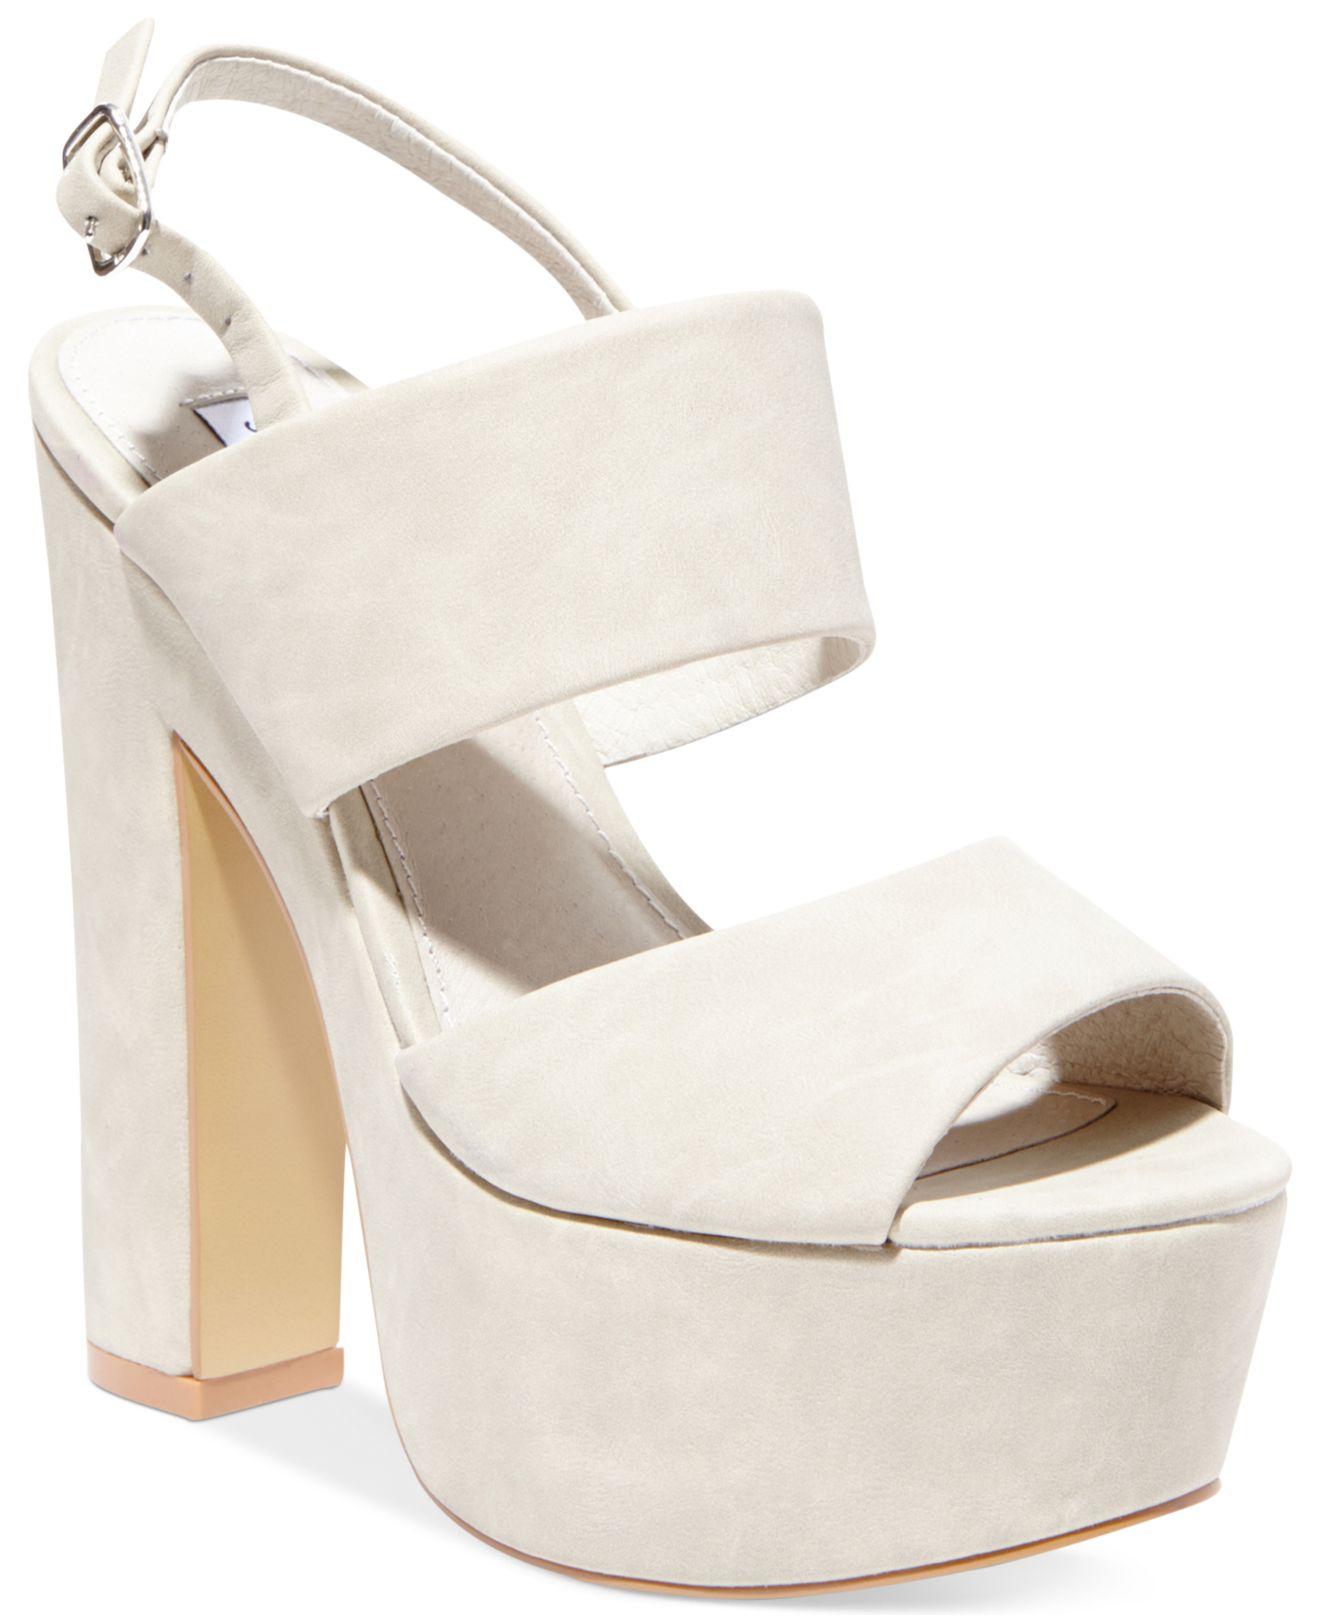 e7ac5143c2b Lyst - Steve Madden Women s Wellthy Slingback Platform Sandals in White